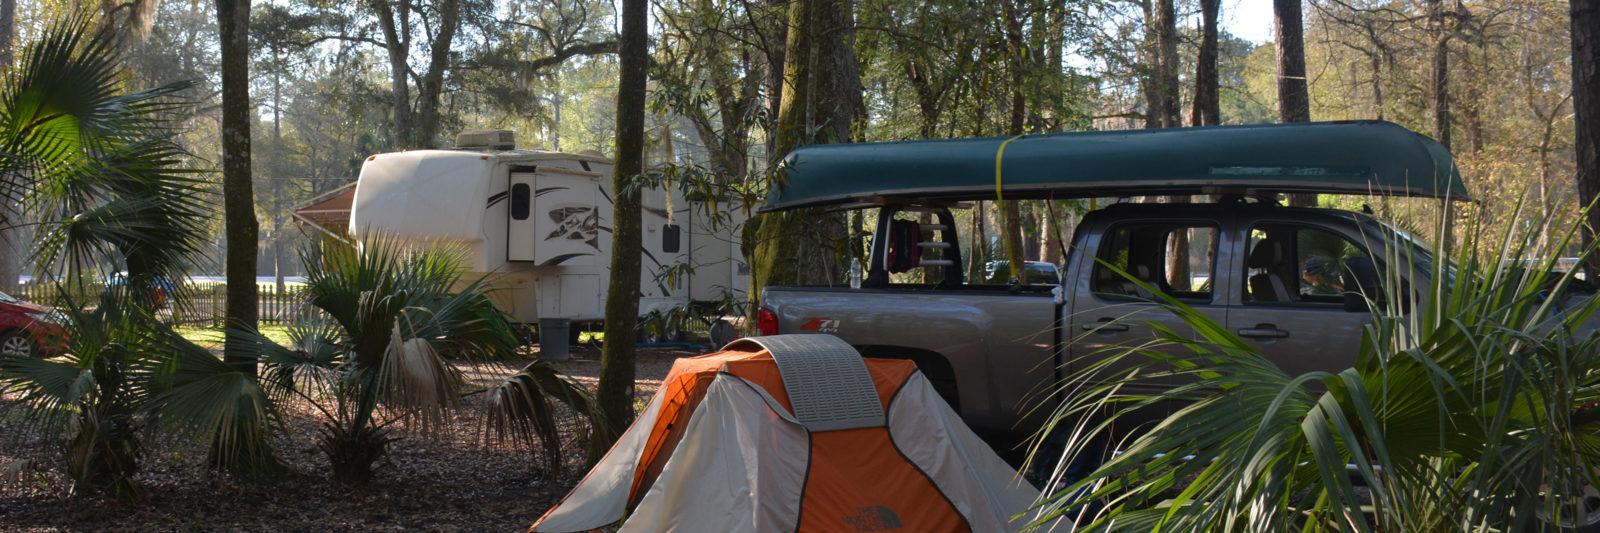 Camping at Newport Park